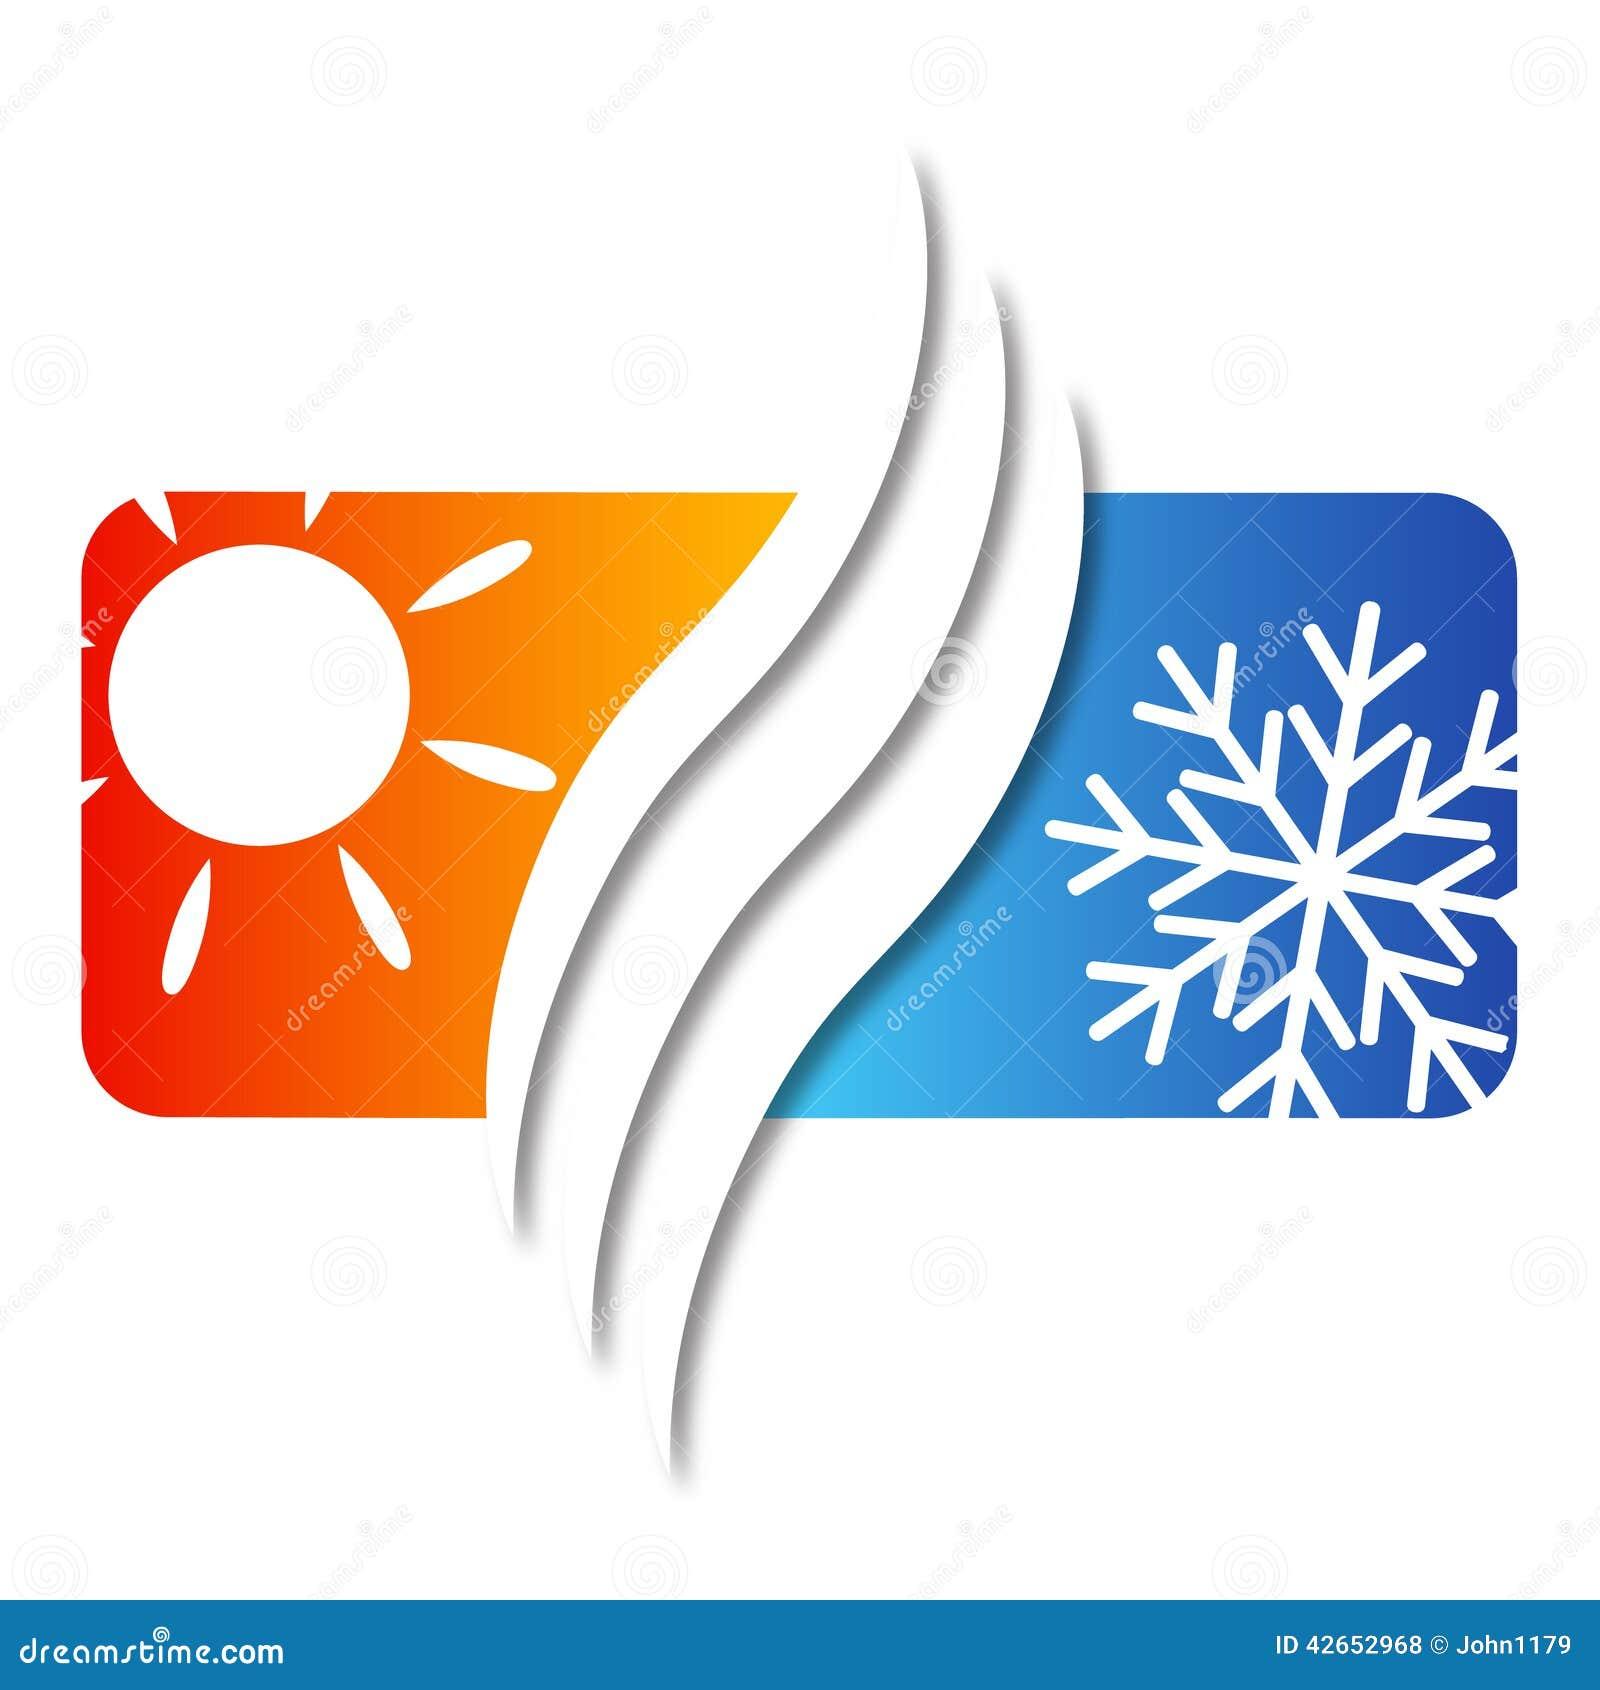 Klimaanlage Fur Haus Vektor Abbildung Illustration Von Winter